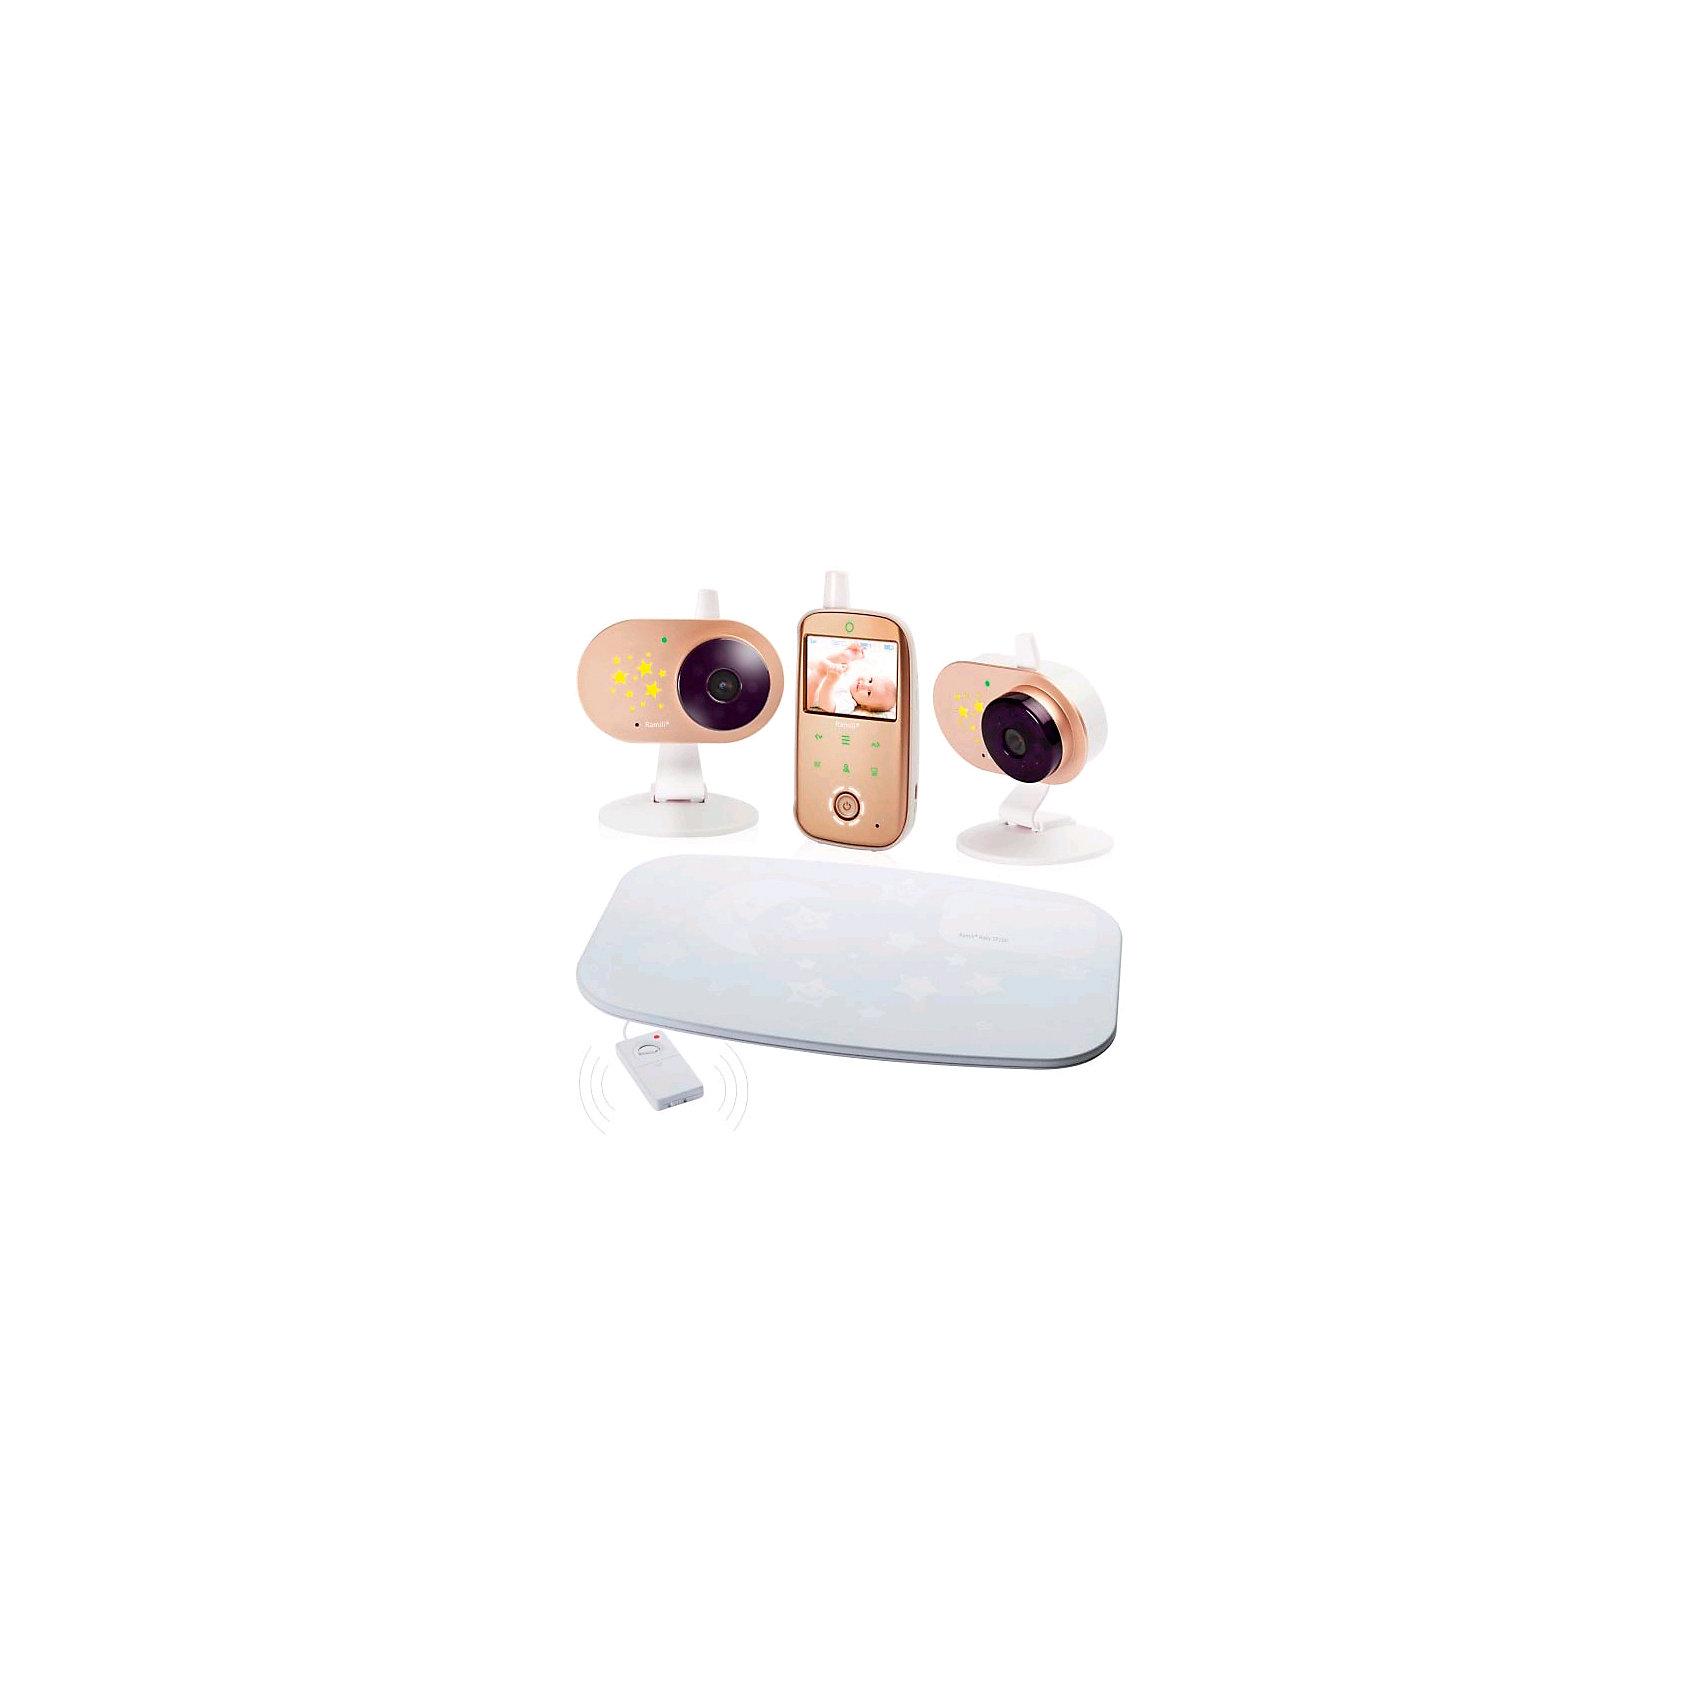 Видеоняня Ramili Baby RV1200X2SP с двумя камерами и монитором дыханияДетская бытовая техника<br>Видеоняня с двумя камерами и монитором дыхания Baby RV1200X2SP, Ramili (Рамили)<br><br>Характеристики:<br><br>• монитор дыхания в комплекте<br>• индикатор громкости плача<br>• стабильная передача данных<br>• изображение без помех<br>• двухсторонний режим<br>• термометр <br>• цифровой зум<br>• встроенный проектор звездного неба<br>• функция ночного видения<br>• индикатор заряда<br>• оповещение о выходе из зоны покрытия<br>• удобная подставка для родительского блока<br>• кнопки с подсветкой<br>• возможно подключение монитора дыхания и дополнительных камер<br>• дальность действия - 300 метров<br>• количество камер: 2<br>• диагональ экрана: 6,1 см<br>• размер упаковки: 45х26х20 см<br>• вес: 1300 грамм<br><br>Видеоняня Baby RV1200X2SP - настоящая находка для родителей, заботящихся о безопасности ребенка. С ней вы всегда будете знать, чем занимается малыш, когда вас нет рядом. В комплект входят две камеры, родительский блок и монитор дыхания. Высокочувствительный датчик монитора дыхания подает сигнал на родительский блок, если дыхание ребенка отсутствует в течение 20 секунд. Видеоняня автоматически подключается при обнаружении плача. <br><br>Встроенный термометр оповестит вас об изменении температуры в комнате ребенка.  В ночное время суток автоматически включается режим ночного видения. Видеоняня оснащена индикатором заряда батареи и системой, оповещающей о выходе из зоны покрытия. <br><br>Встроенный ночник порадует кроху проекцией звездного неба, пока малыш ждет маму.  Устройство имеет стабильную передачу данных, без помех. Цифровой зум позволяет увеличить изображение. При необходимости возможно подключение дополнительных камер и мониторов дыхания. Непрерывный мониторинг - гарантия безопасности вашего ребенка!<br><br>Видеоняню с двумя камерами и монитором дыхания Baby RV1200X2SP, Ramili (Рамили) можно купить в нашем интернет-магазине.<br><br>Ширина мм: 200<br>Глубина мм: 450<